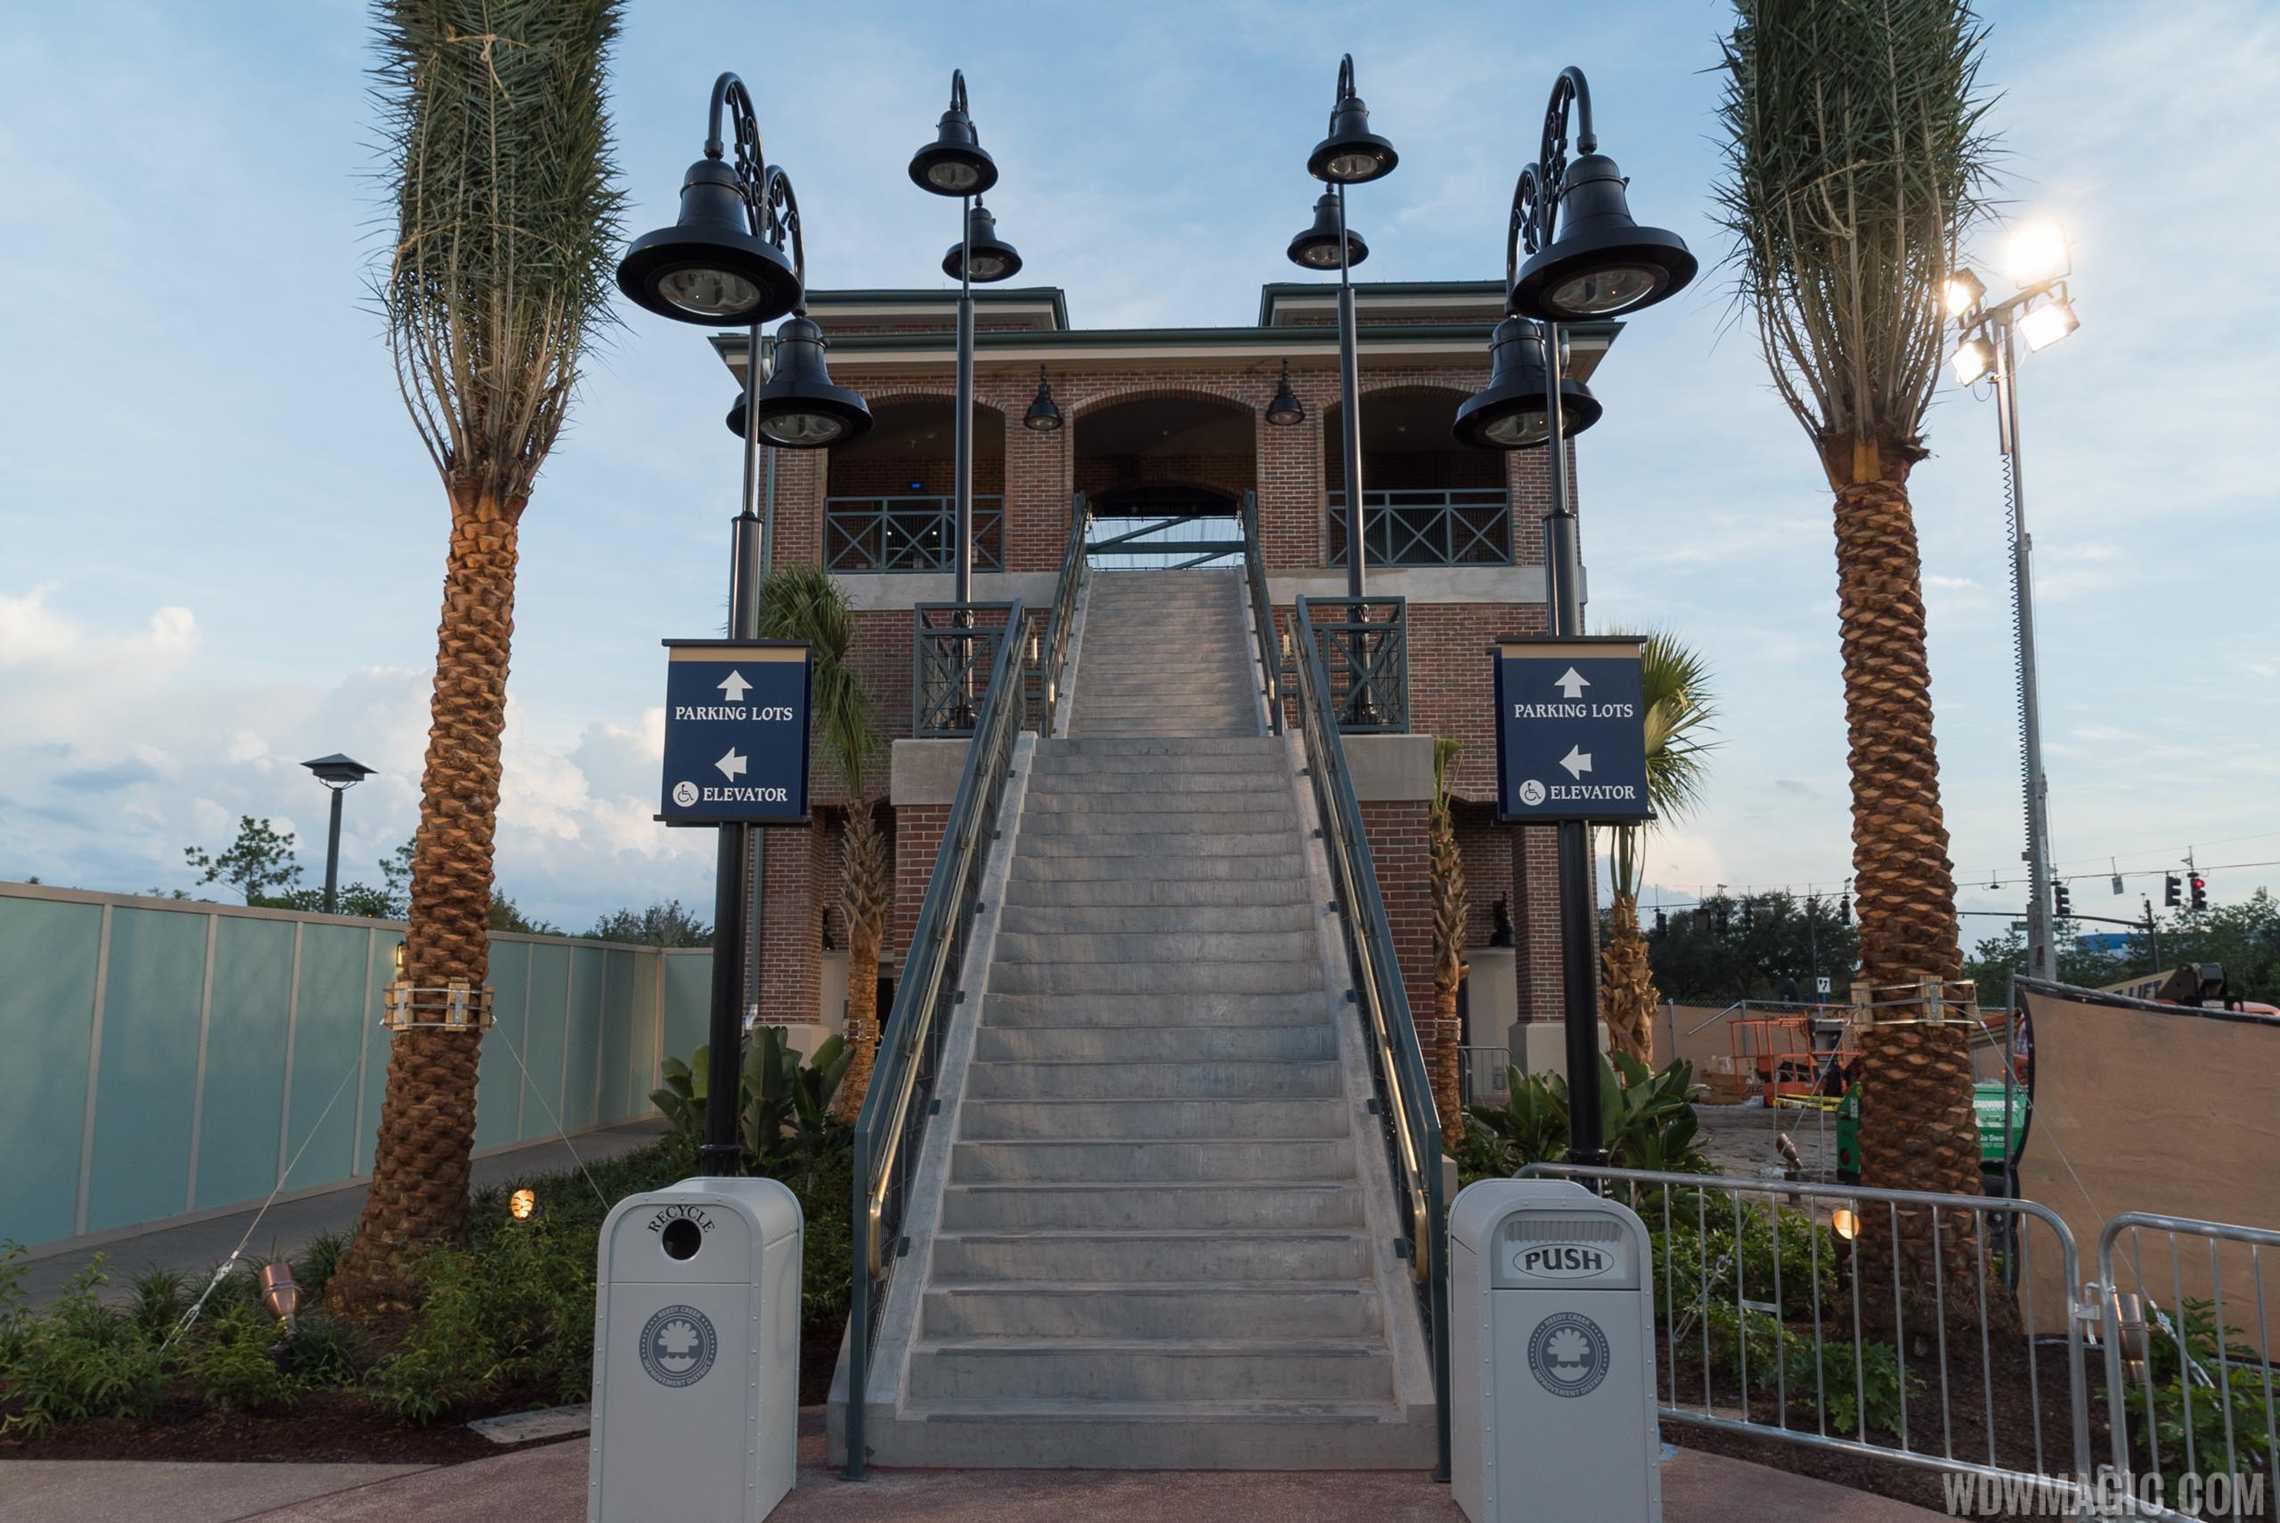 Leaving Disney Springs towards Team Disney